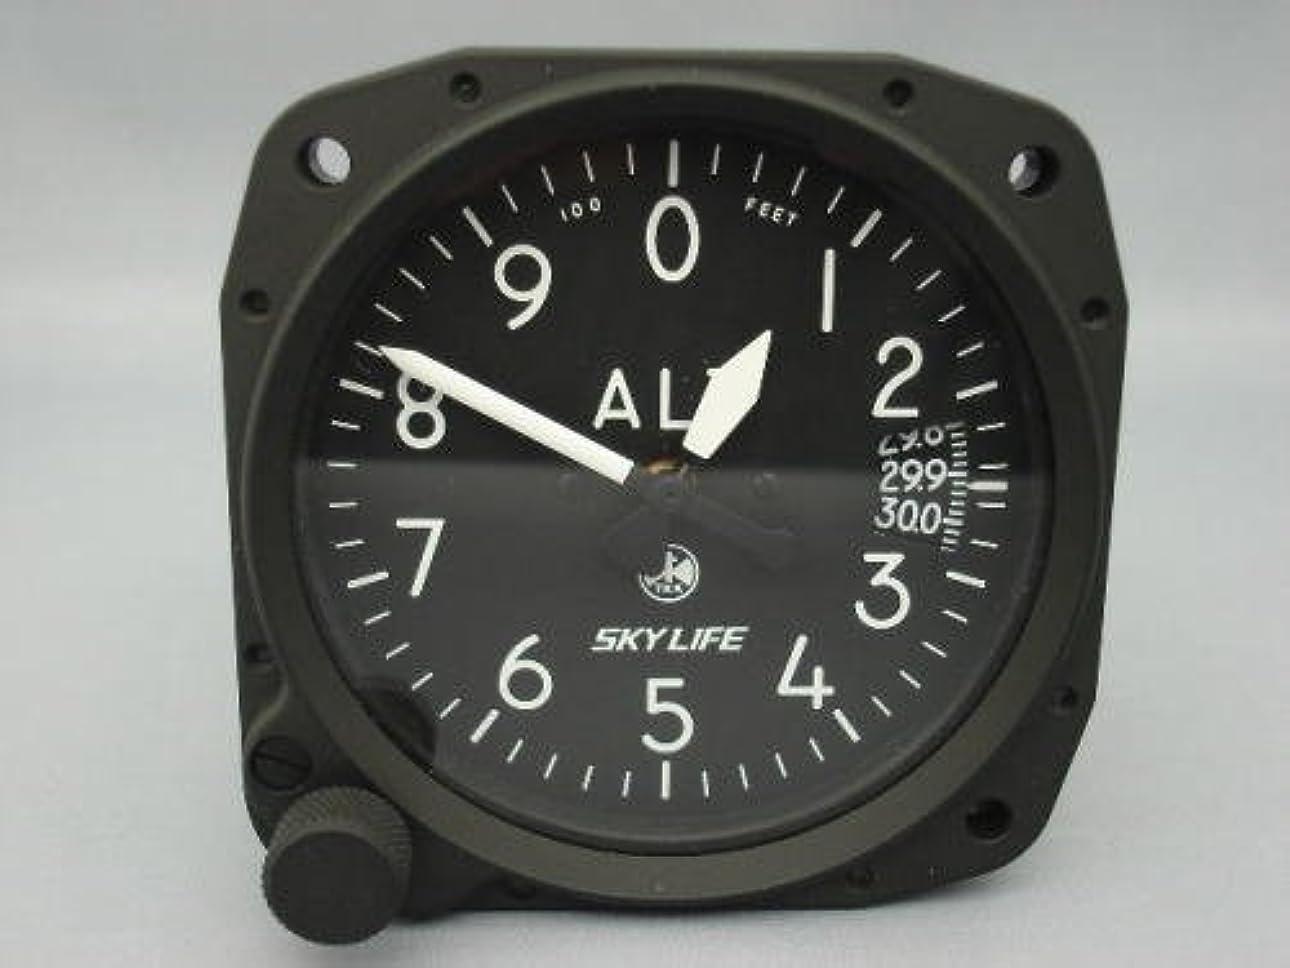 課す航空会社クレア東京航空計器 飛行機用  航空計器 高度計 ALTIMETER (0~20000FT)